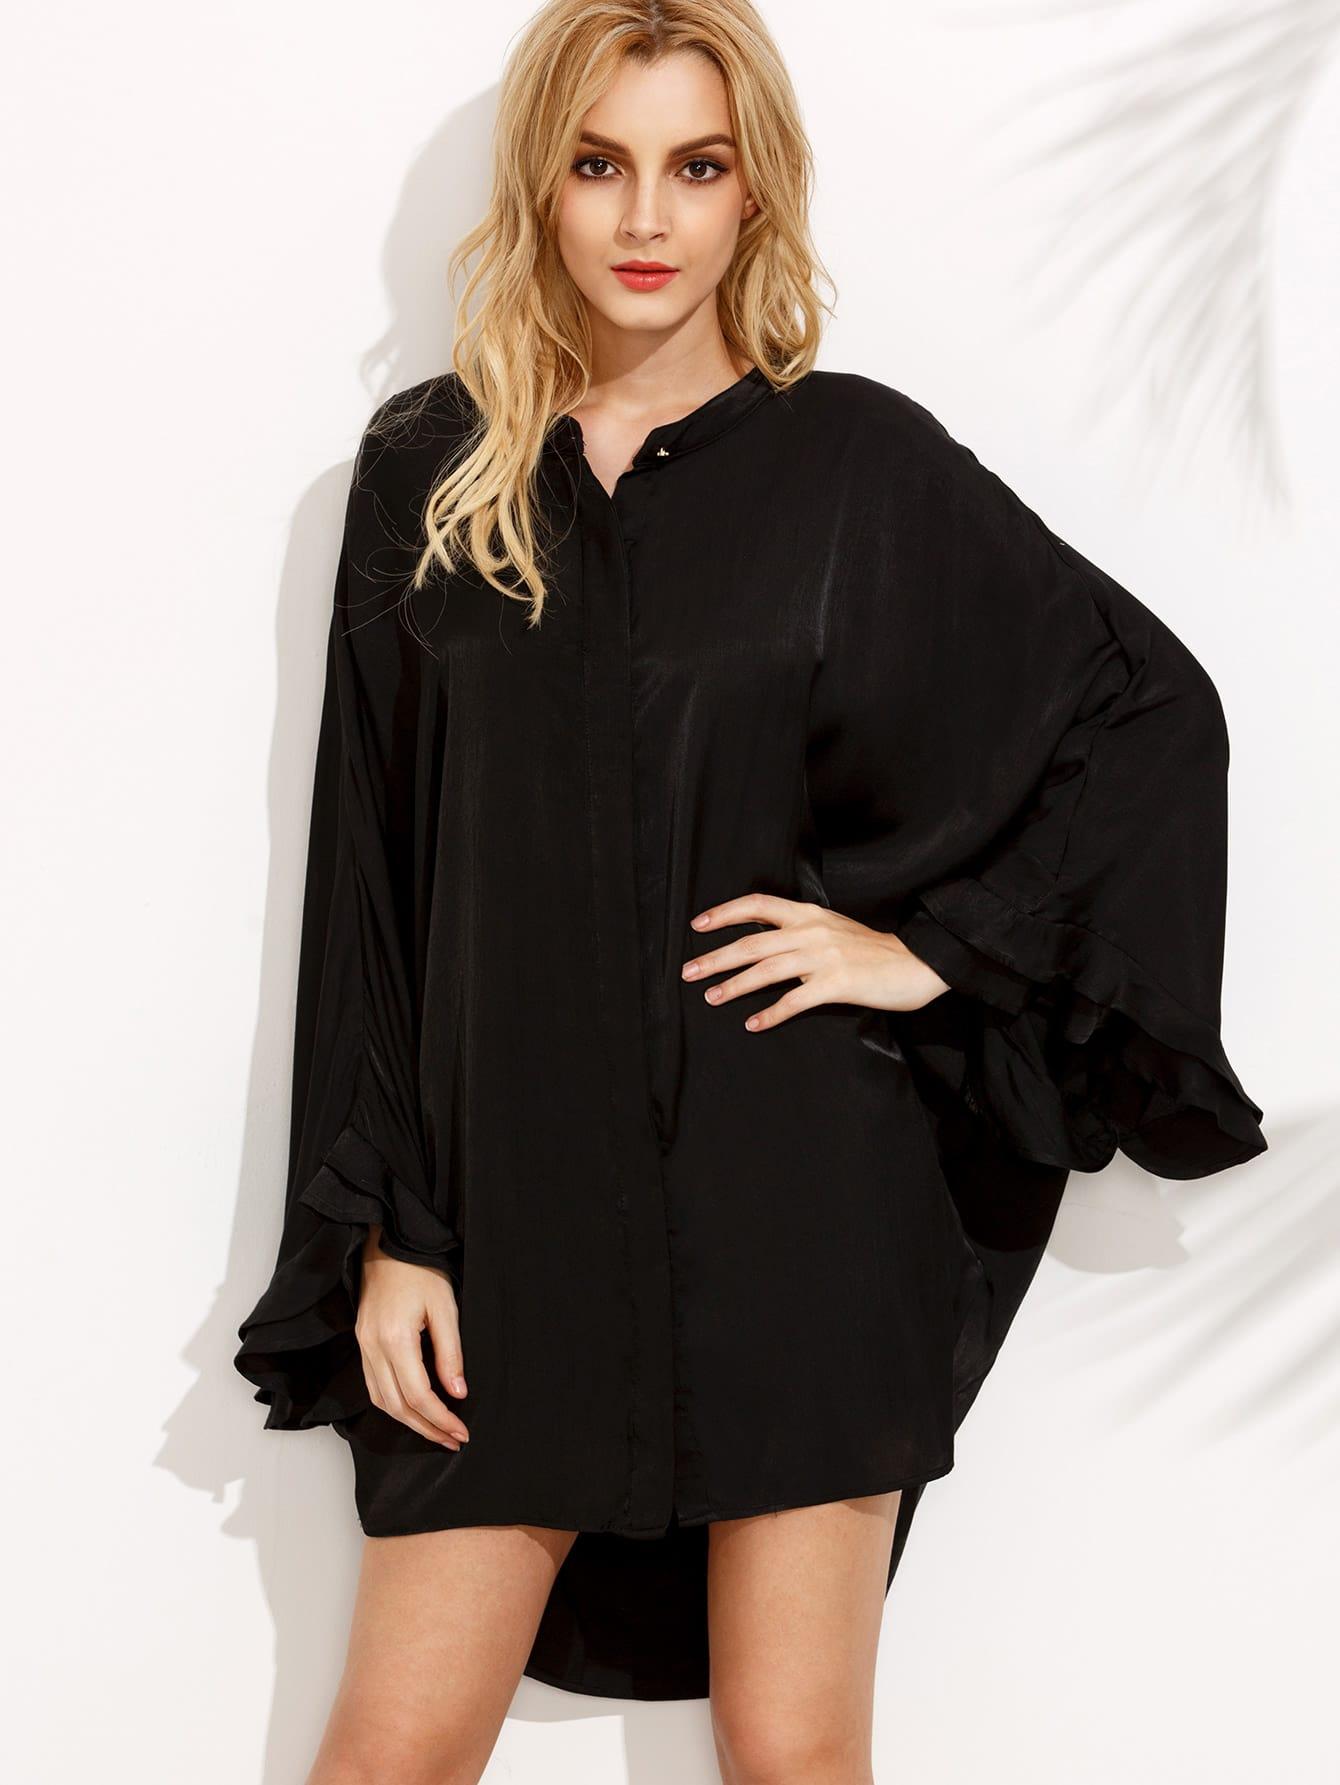 Black High Low Caftan Sleeve Shift DressBlack High Low Caftan Sleeve Shift Dress<br><br>color: None<br>size: L,M,S